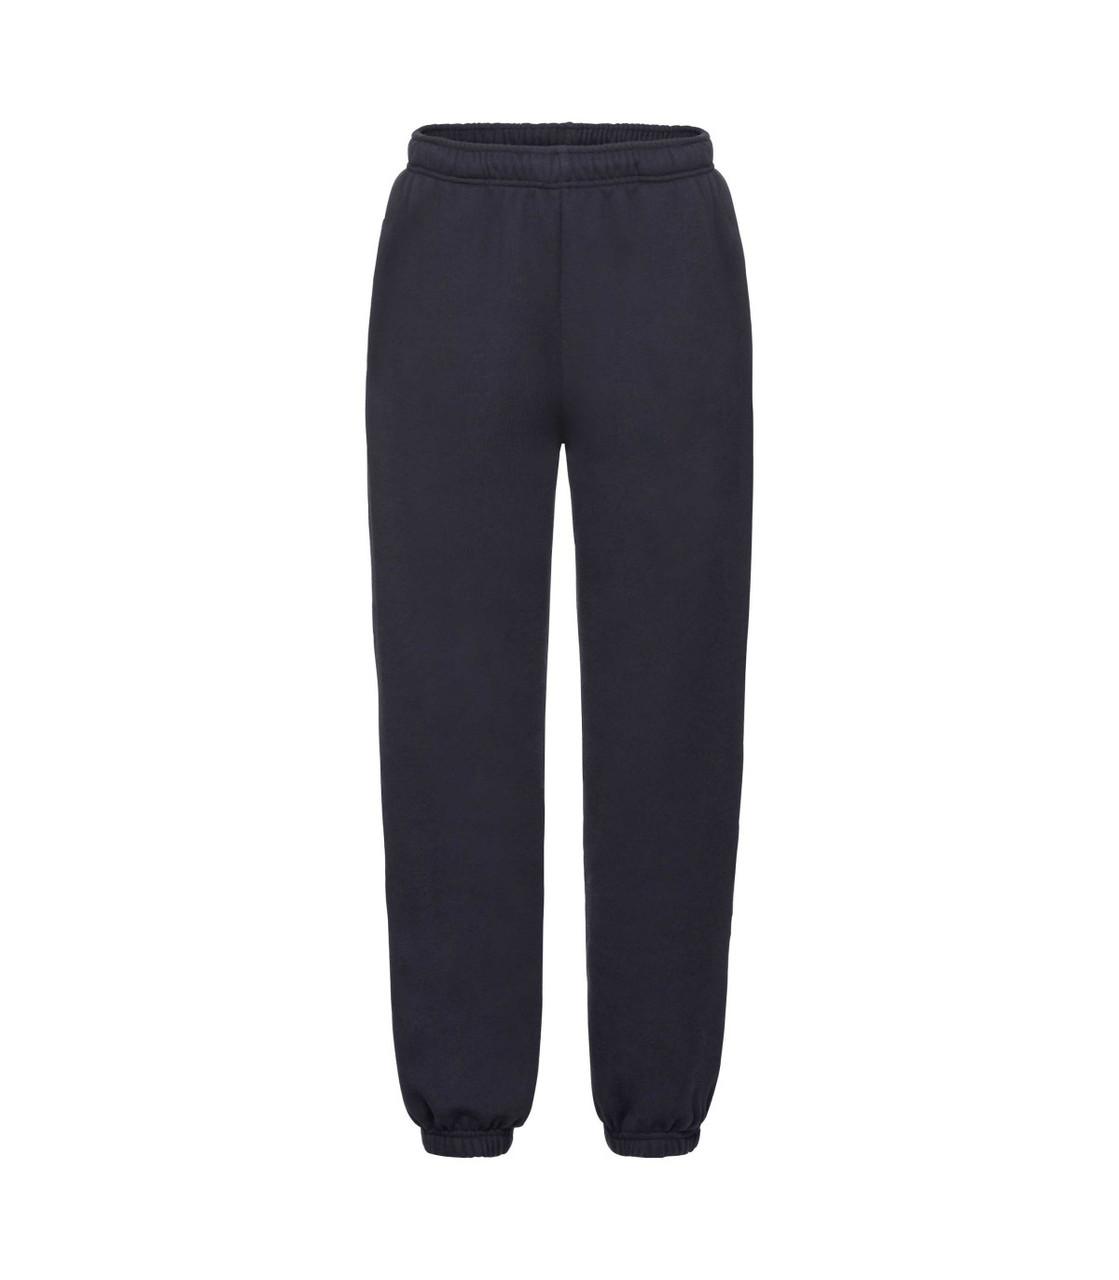 Детские спортивные штаны темно-синие 051-AZ